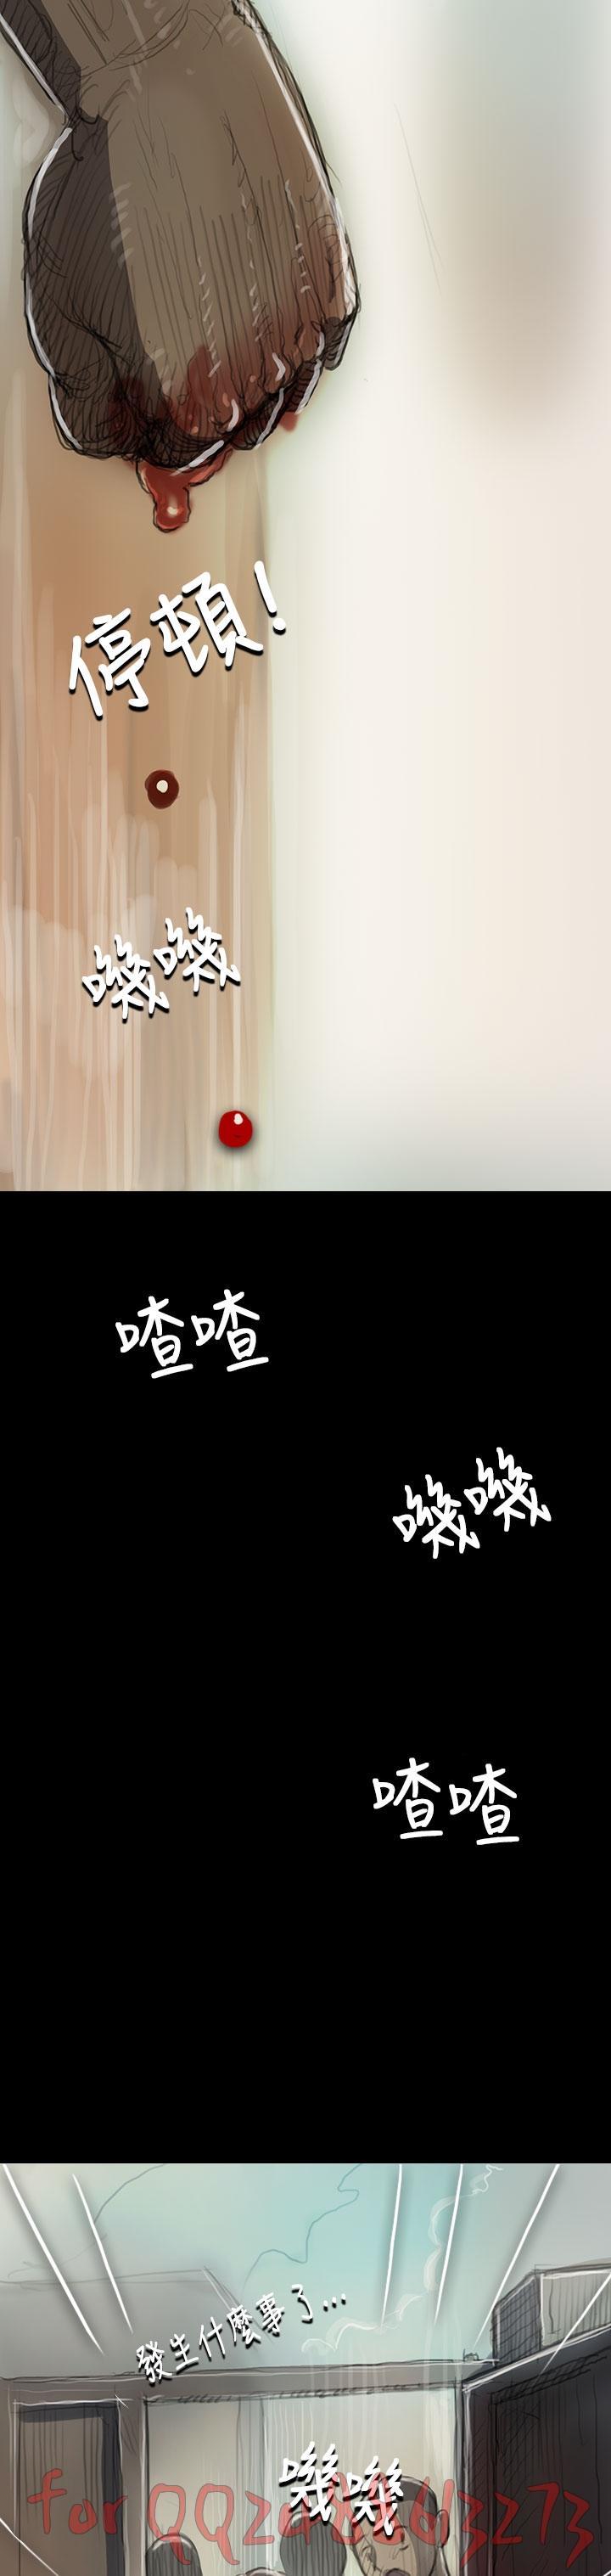 姊姊: 莲 第1~10話 [Chinese]中文 329